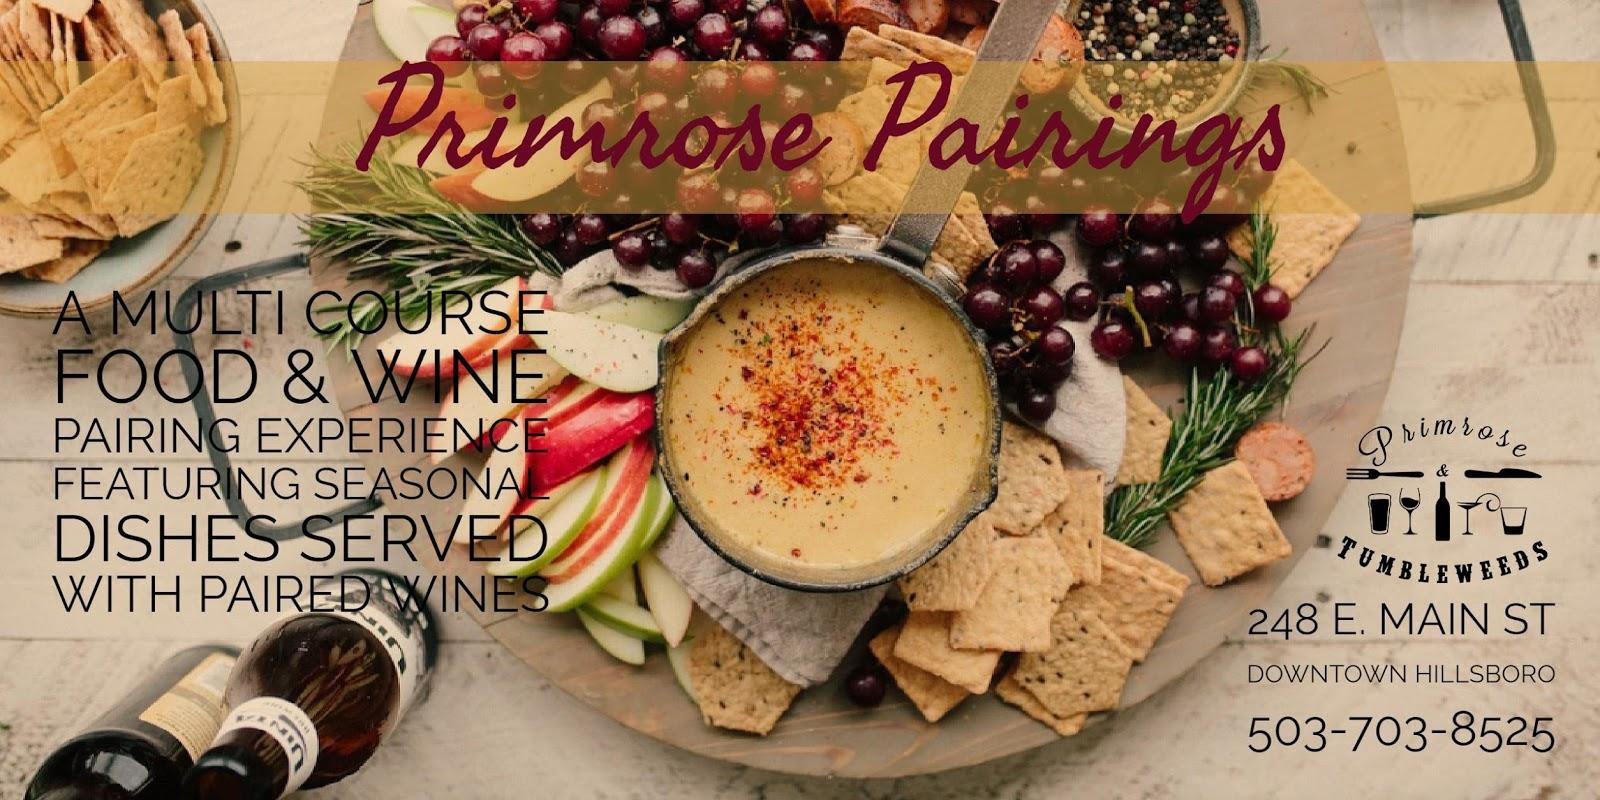 Primrose Tumbleweeds